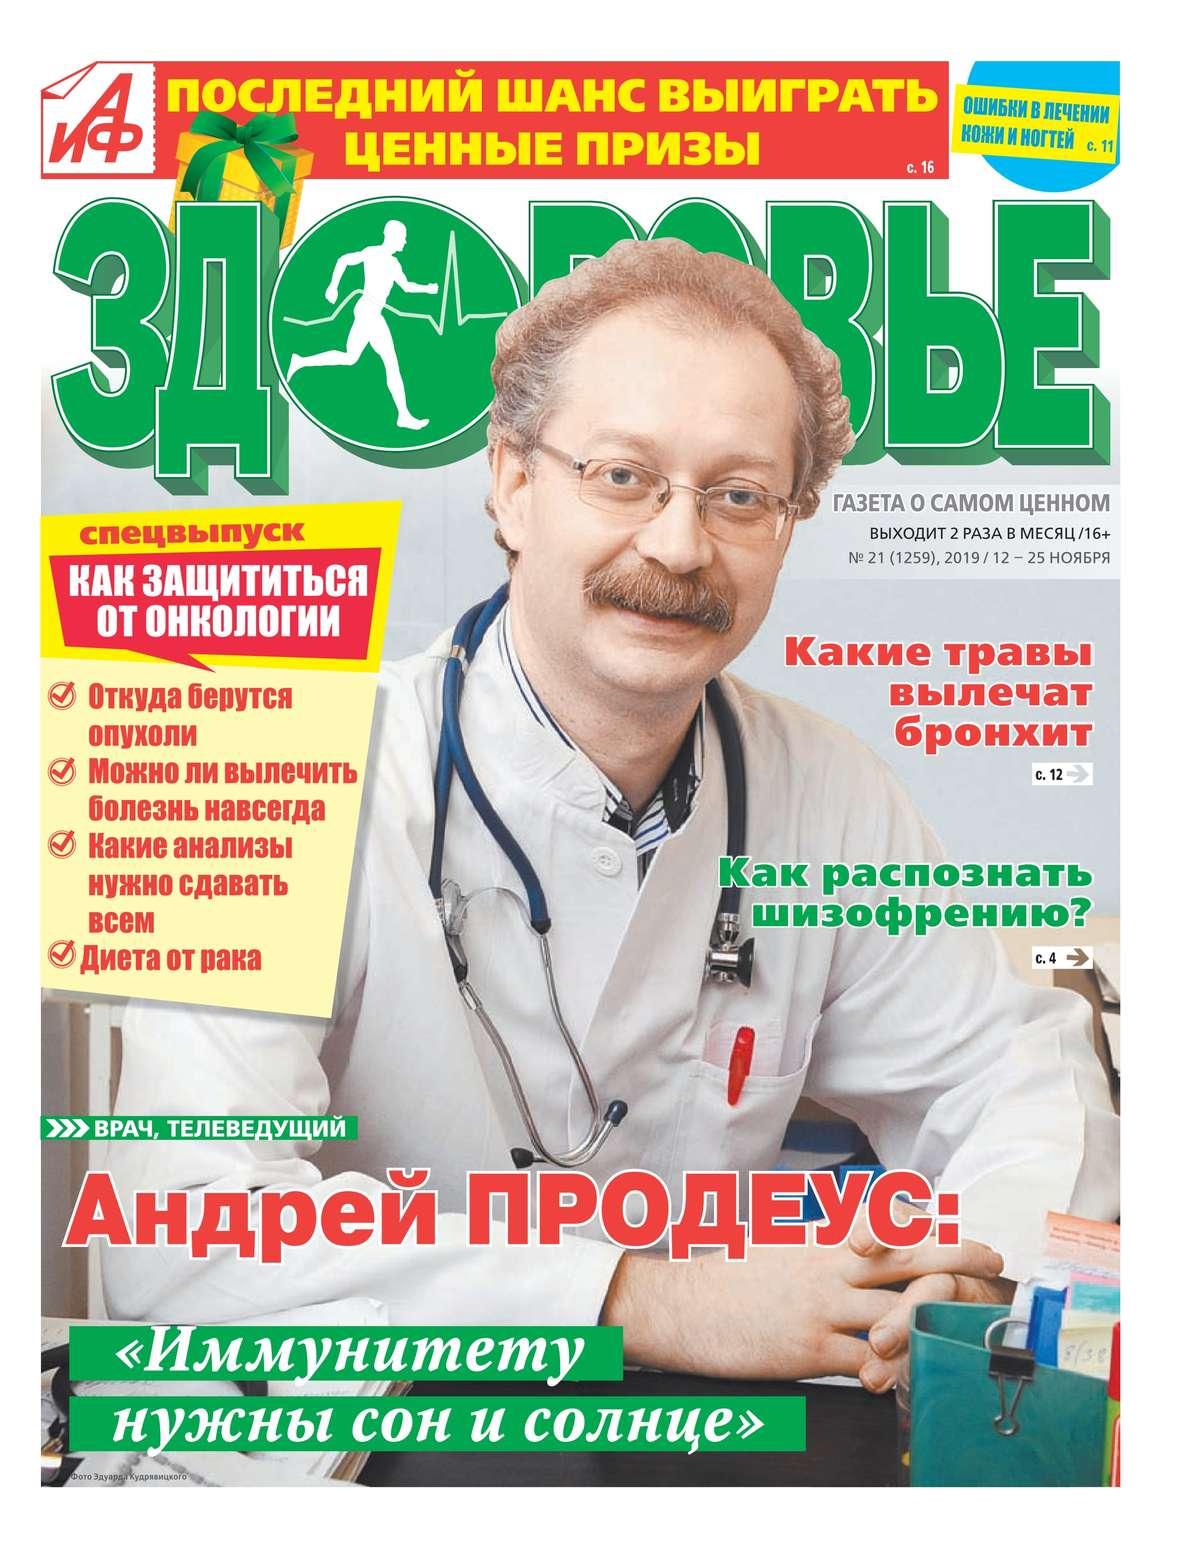 Редакция газеты Аиф. Здоровье / Аиф. Здоровье 21-2019